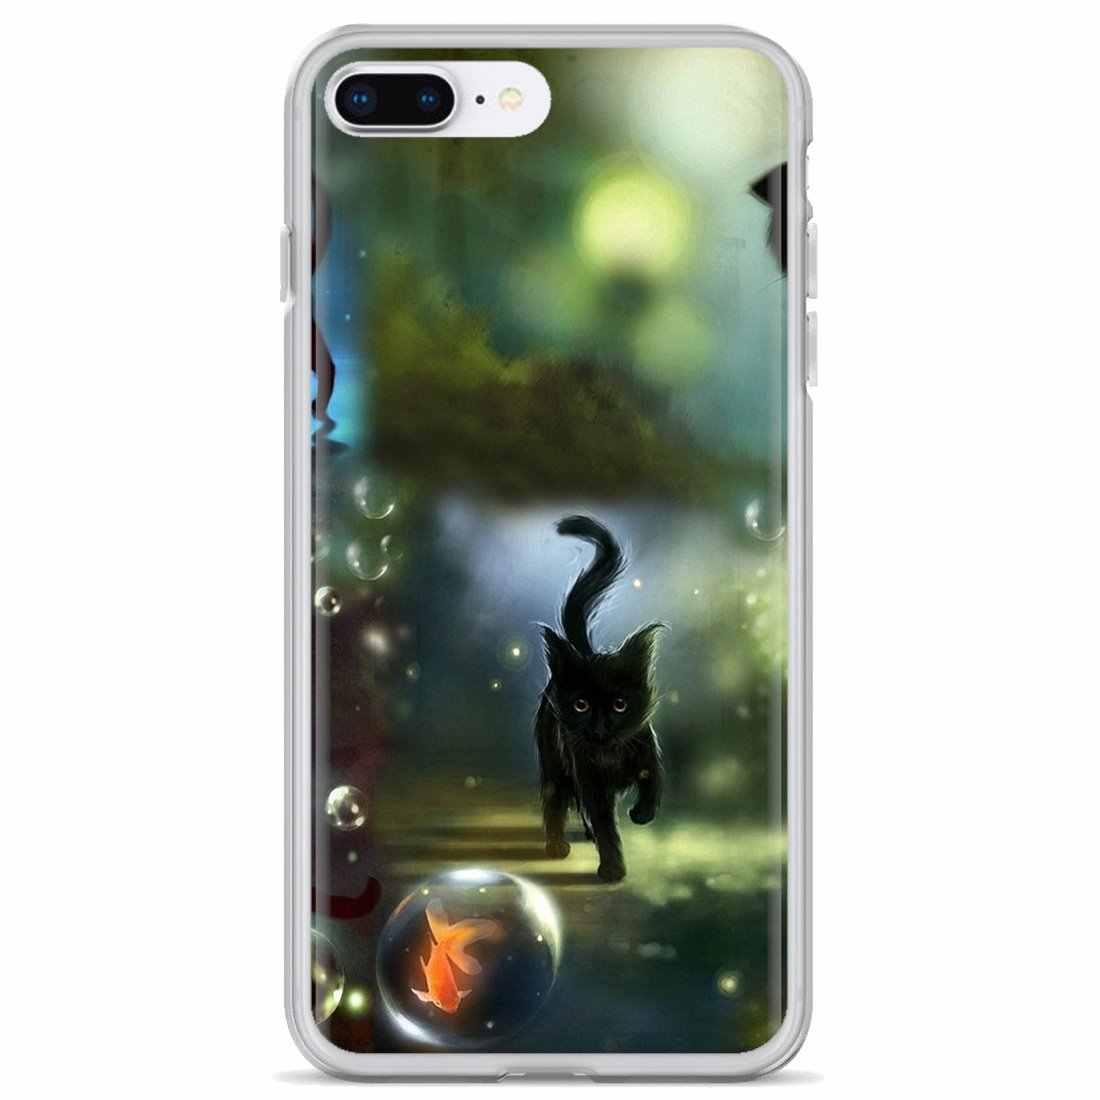 Dành Cho Samsung Galaxy Samsung Galaxy A10 A30 A40 A50 A60 A70 S6 Hoạt Động Note 10 Plus Edge M30 Trắng Dễ Thương Mèo Yêu Thương ốp Lưng Điện Thoại